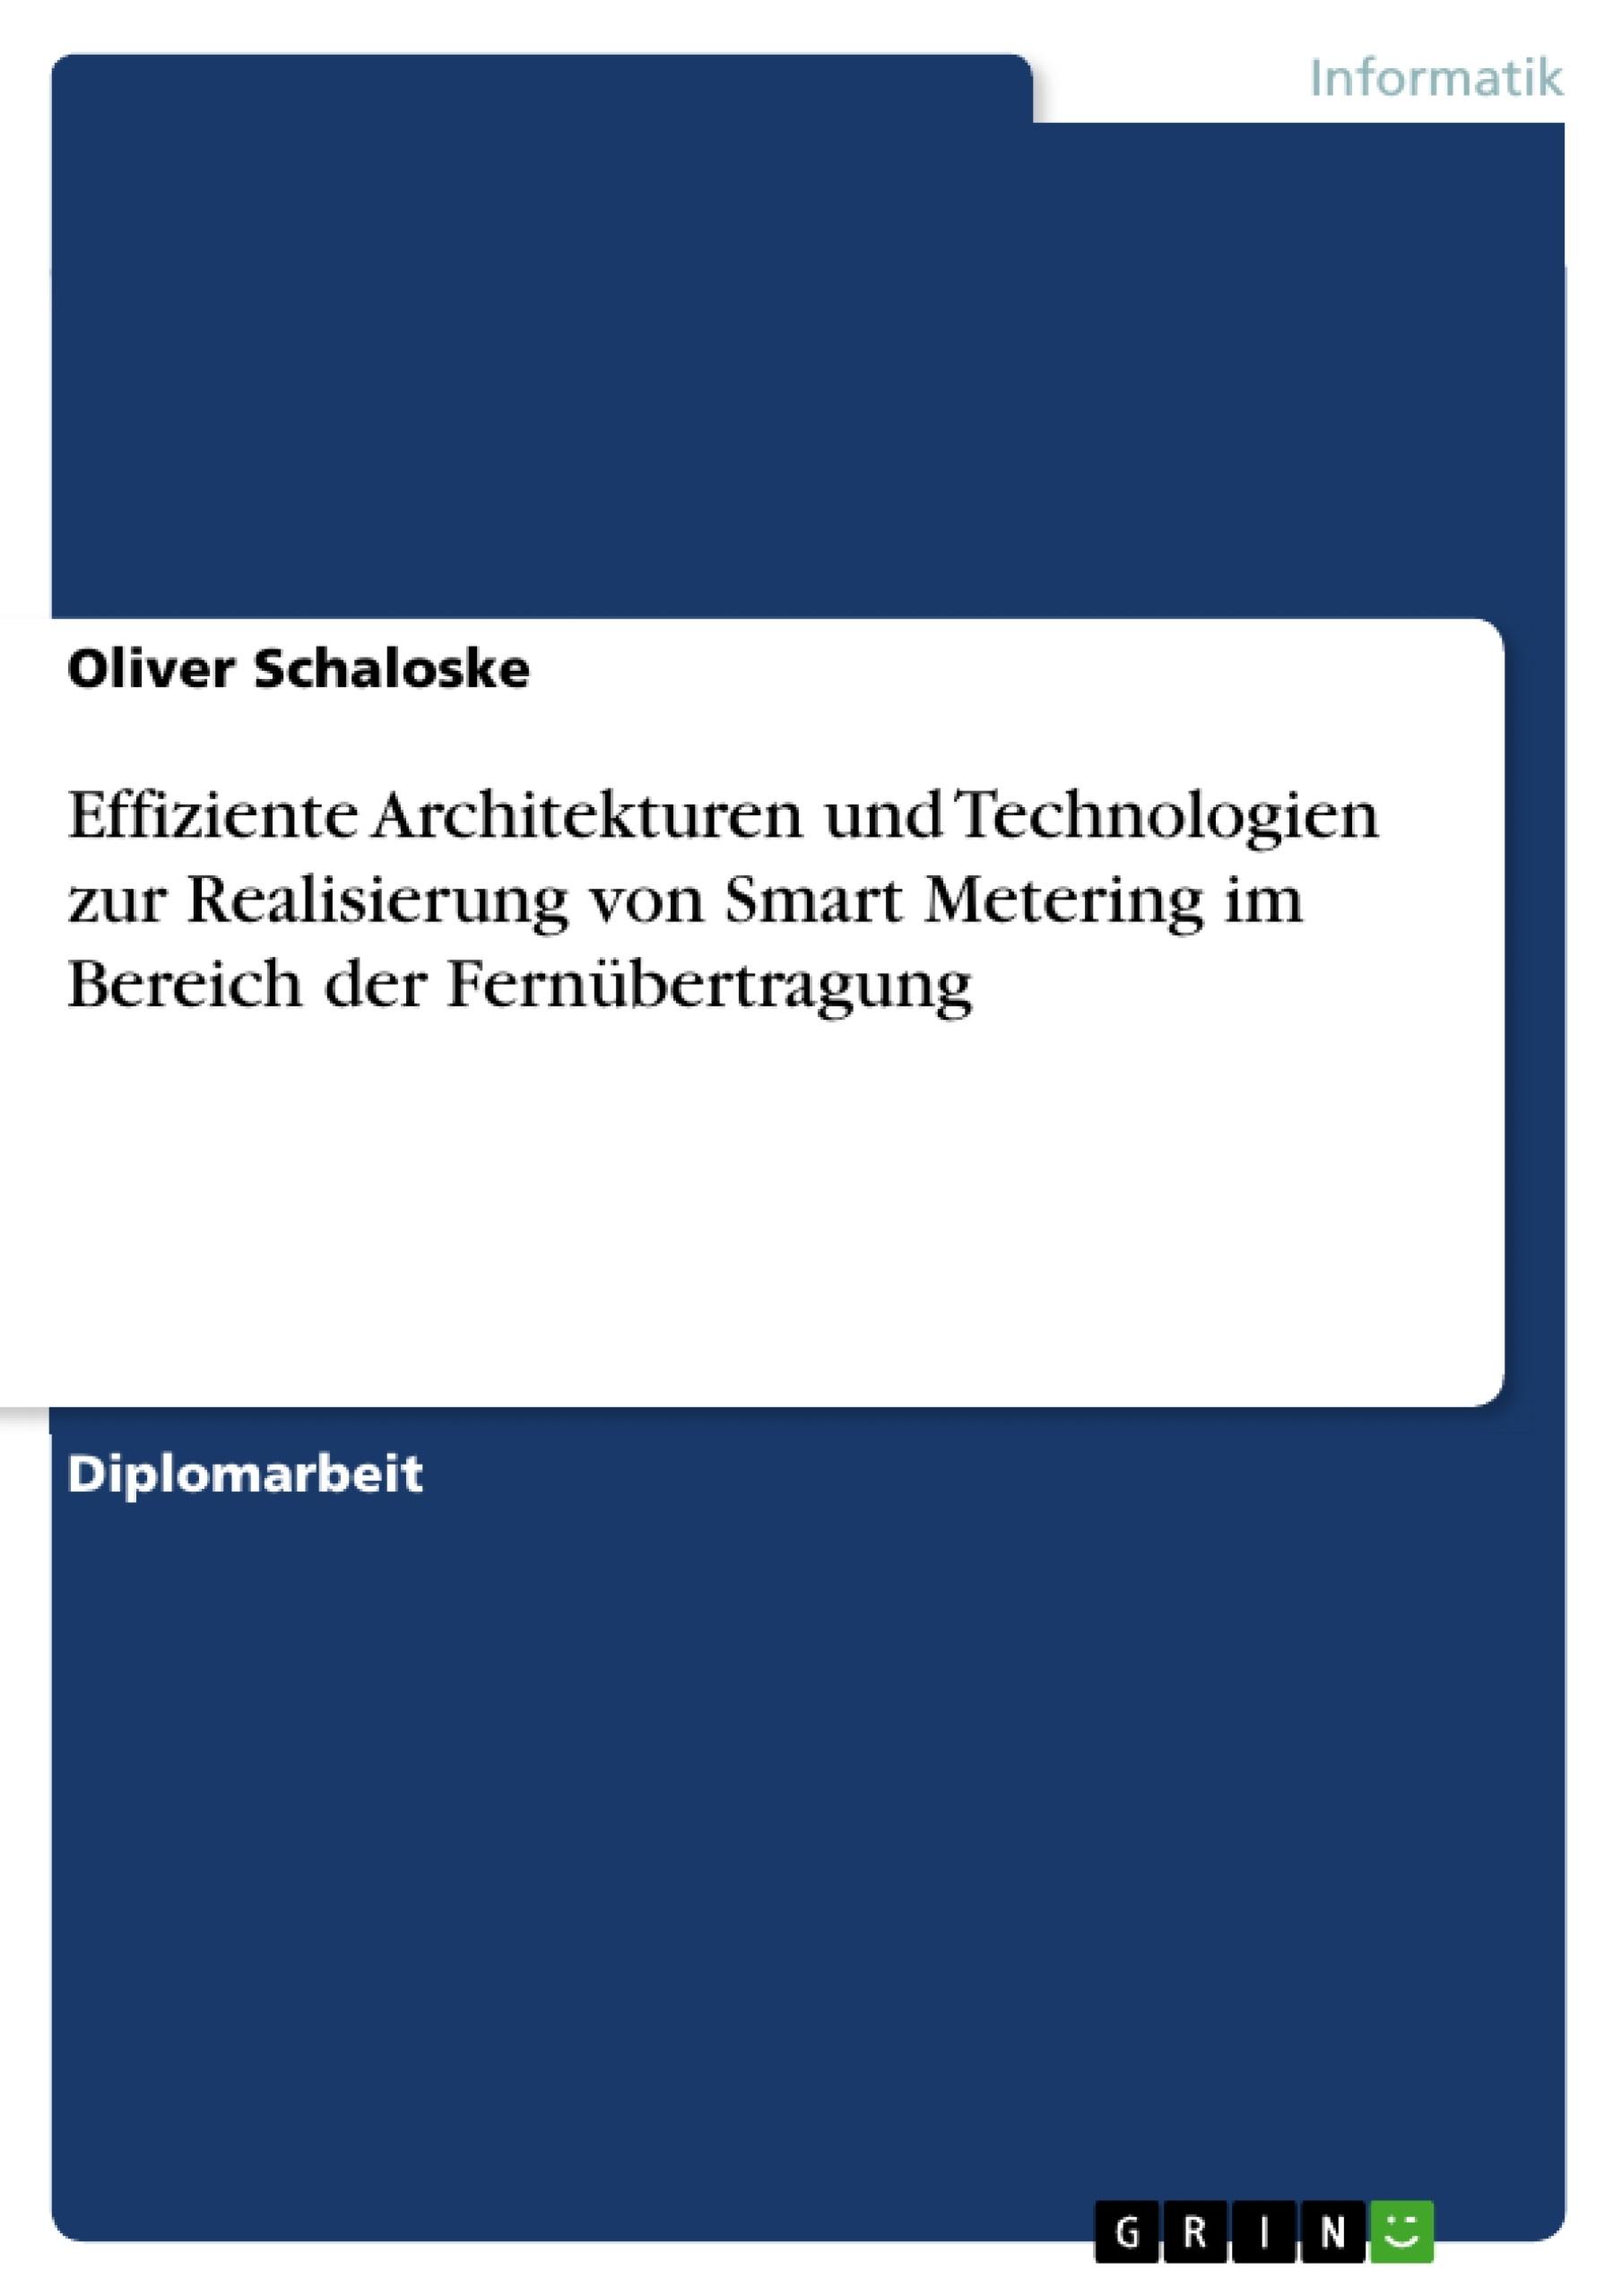 Titel: Effiziente Architekturen und Technologien zur Realisierung von Smart Metering im Bereich der Fernübertragung